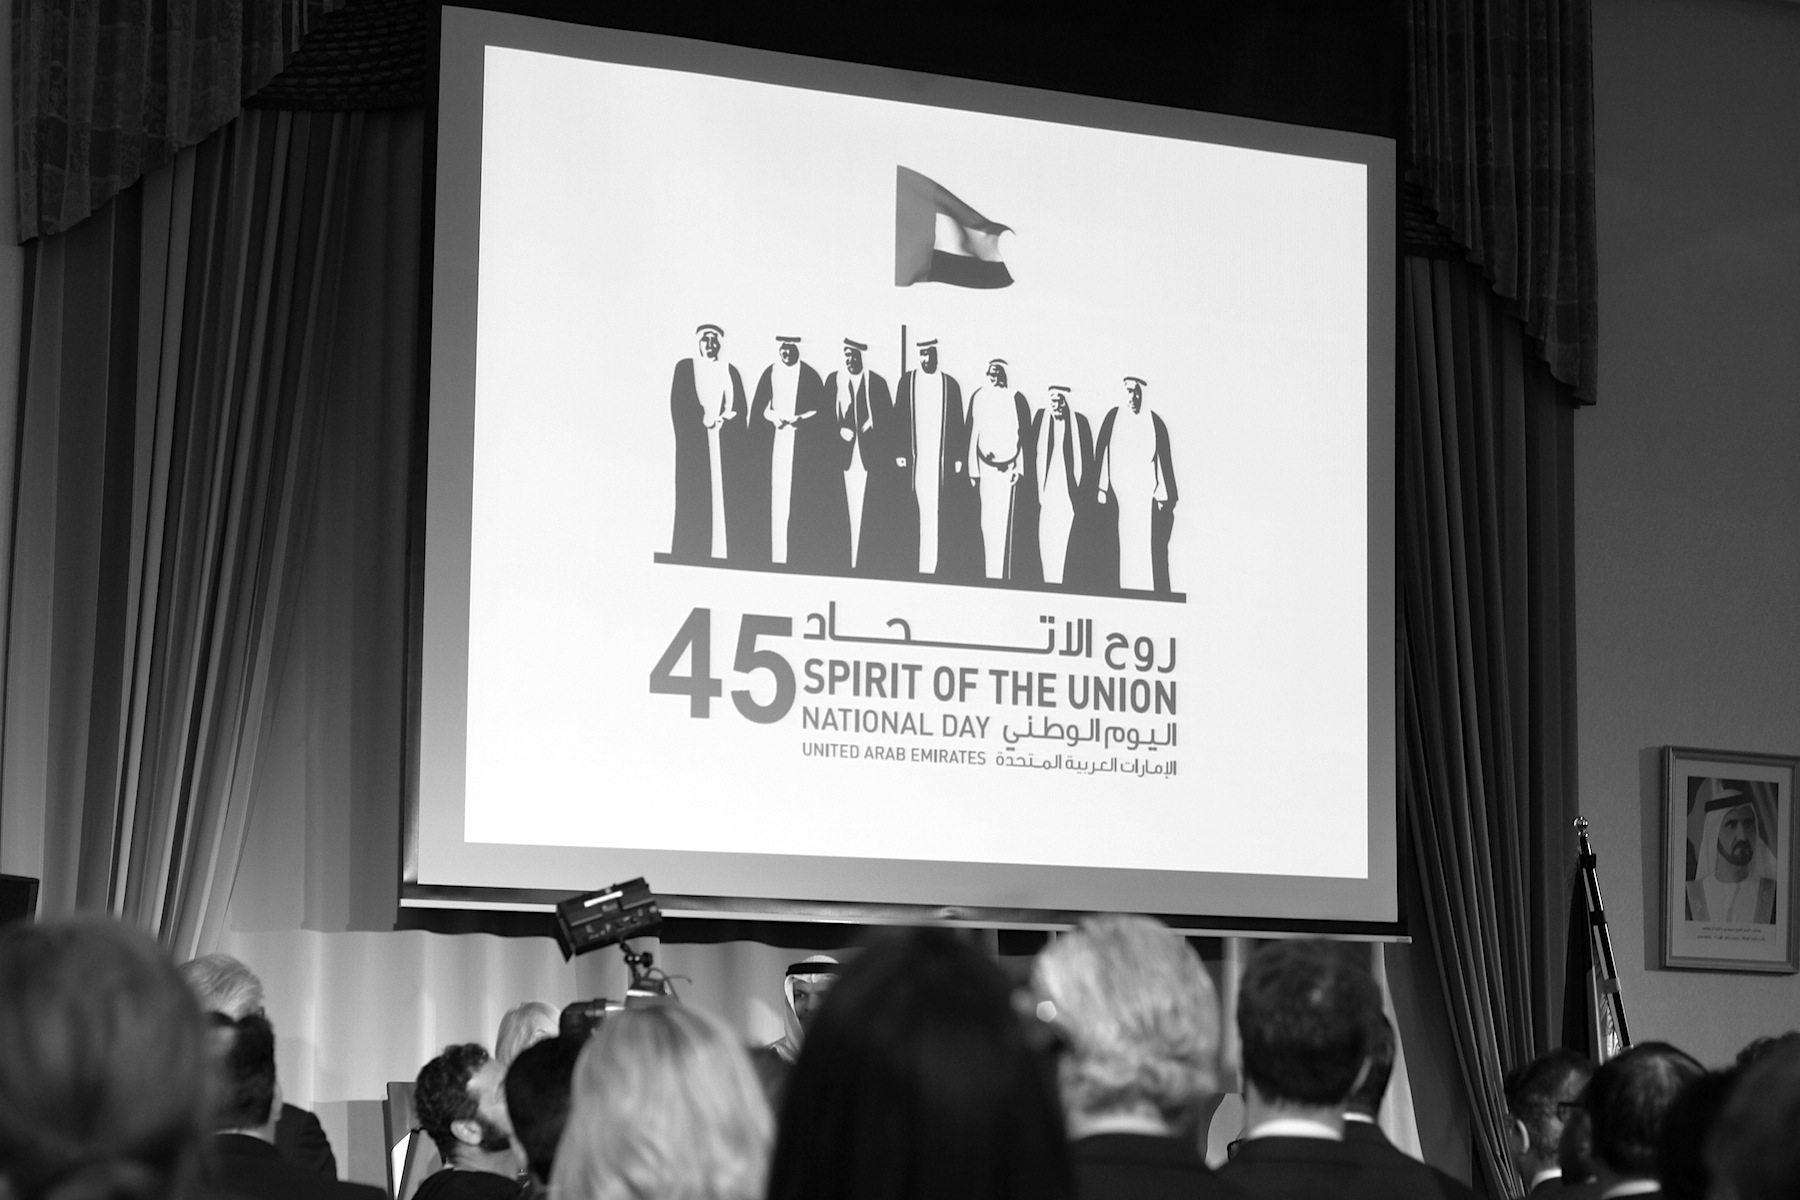 Geist.  Spirit of the Union: das Motto des Nationalfeiertags beschreibt die Werte des Landes, das viel Wert auf Zusammengehörigkeit, Toleranz und Respekt legt. Ein Geist, den der jetzige Präsident, Khalifa bin Zayed Al Nahyan mit seinem Kabinett, immer wieder hervorhebt.